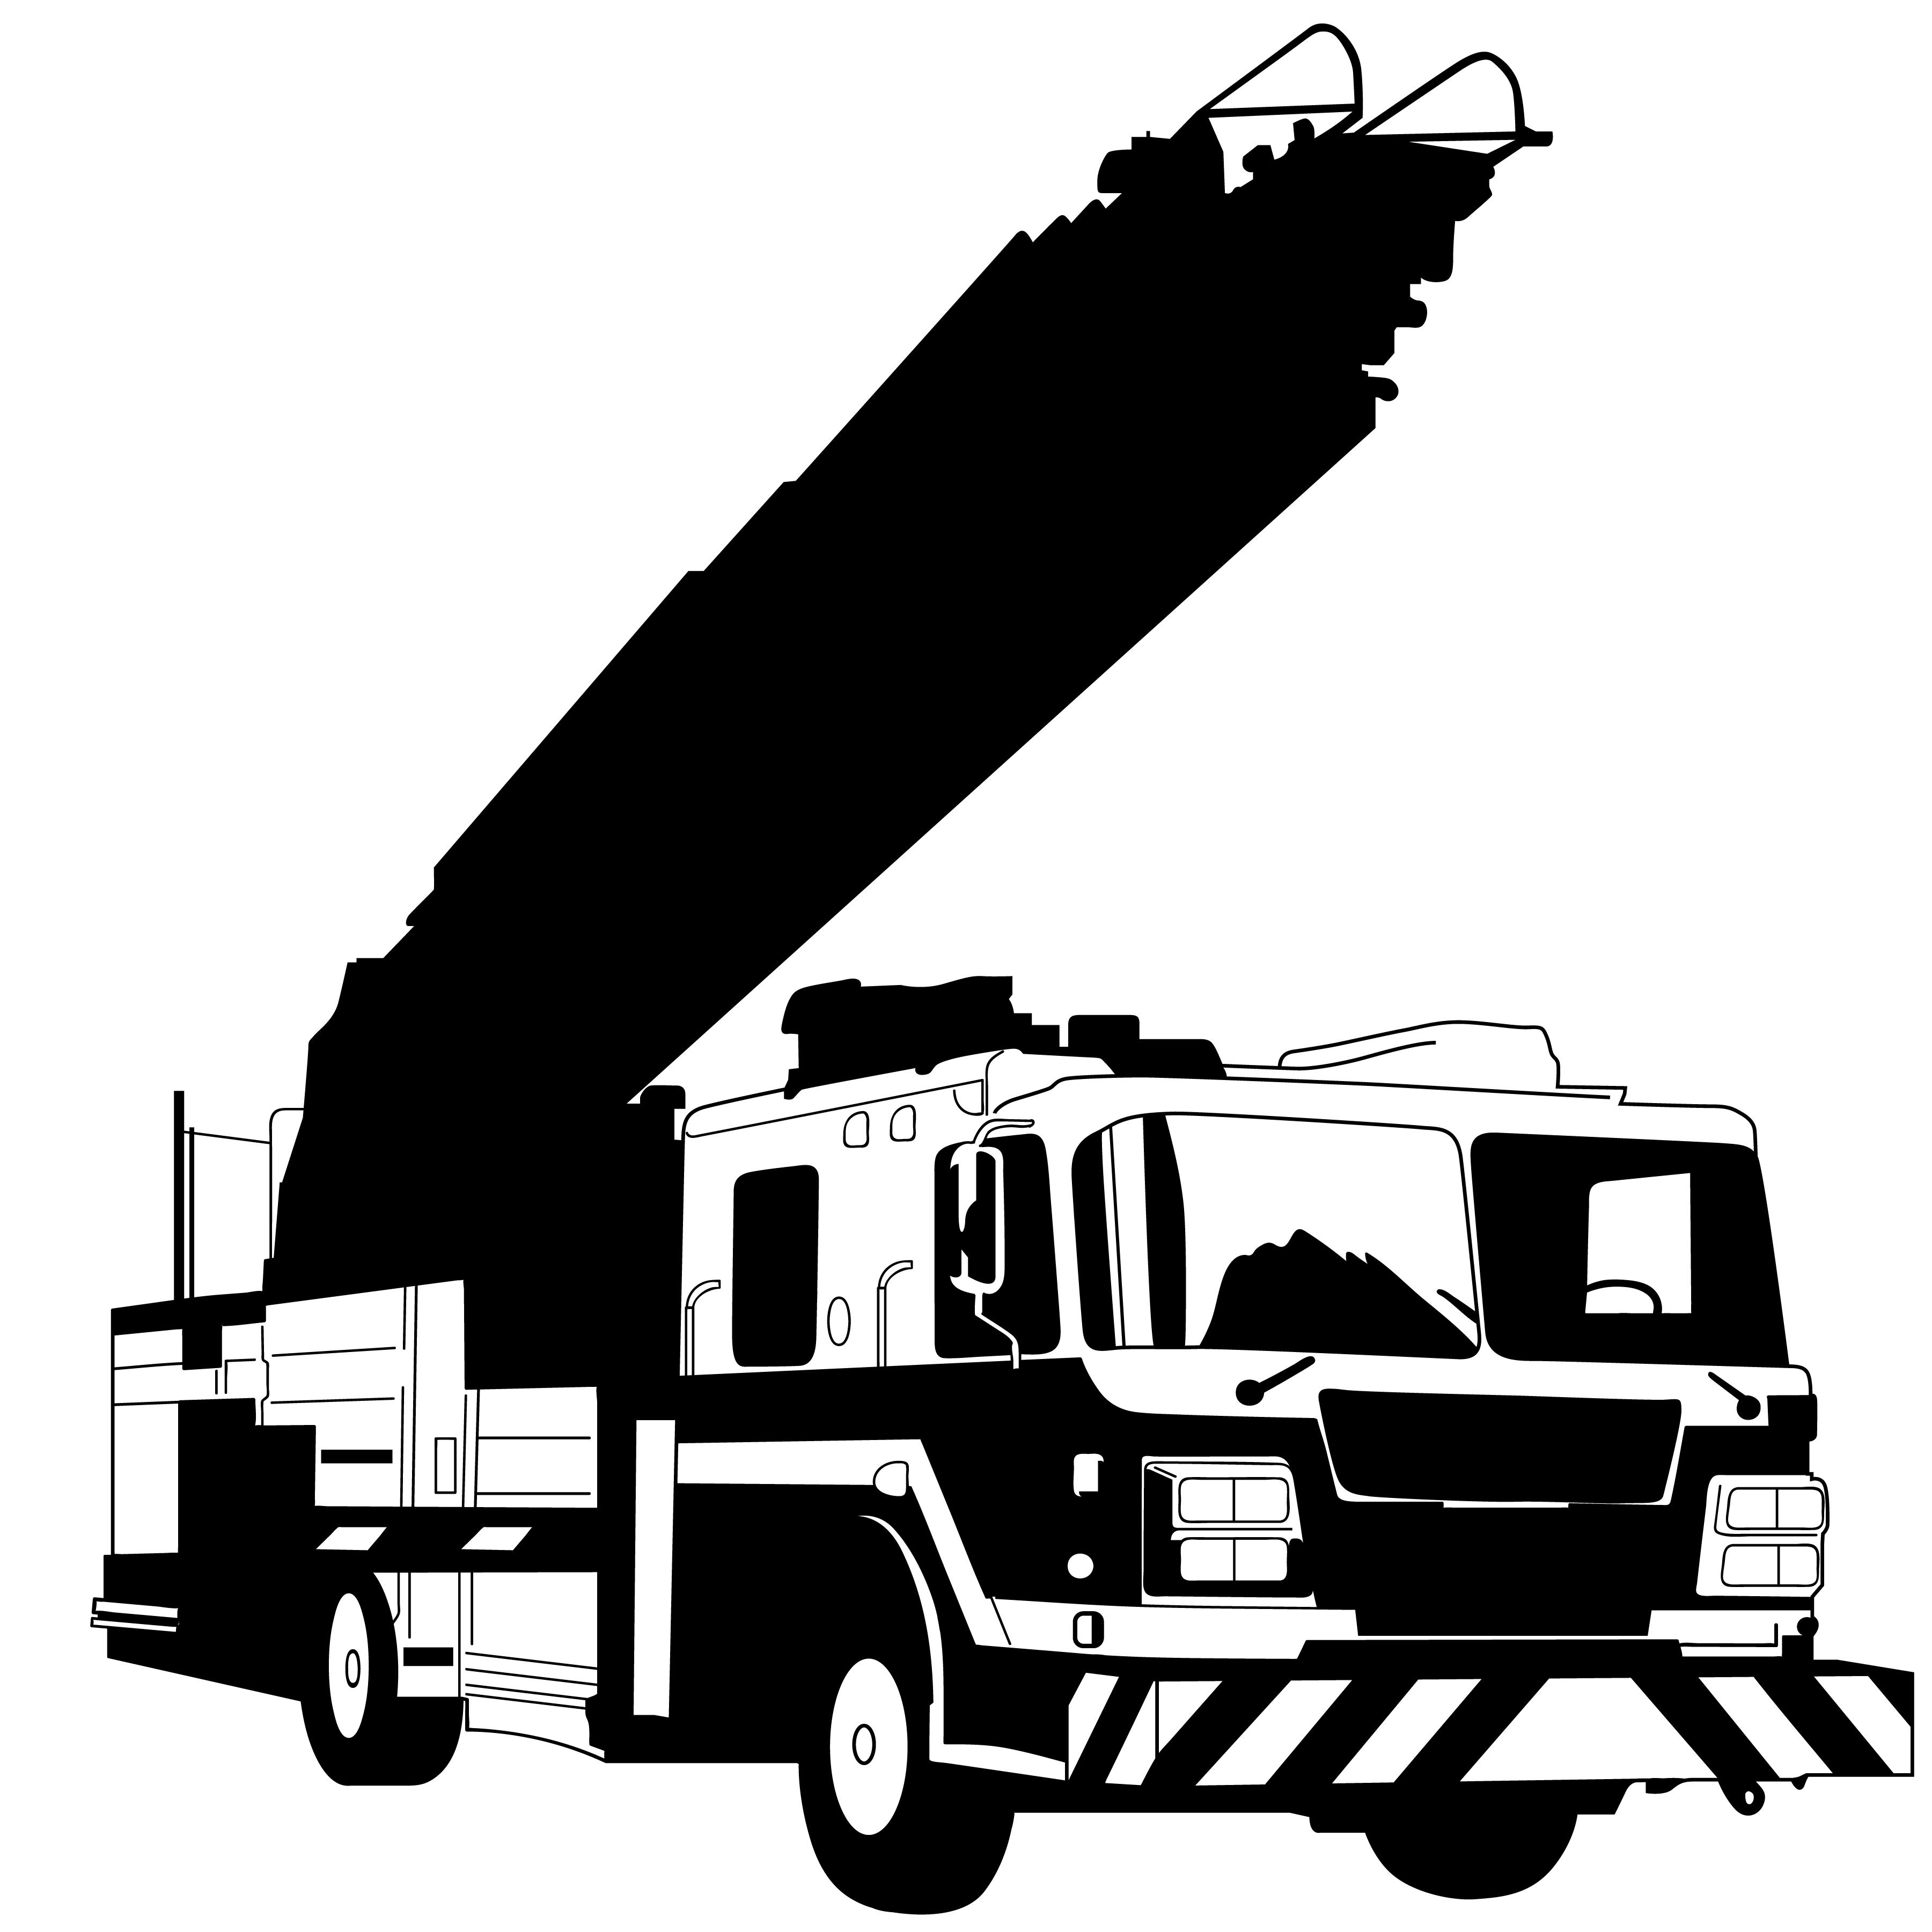 Firetruck Download Free Vectors Clipart Graphics